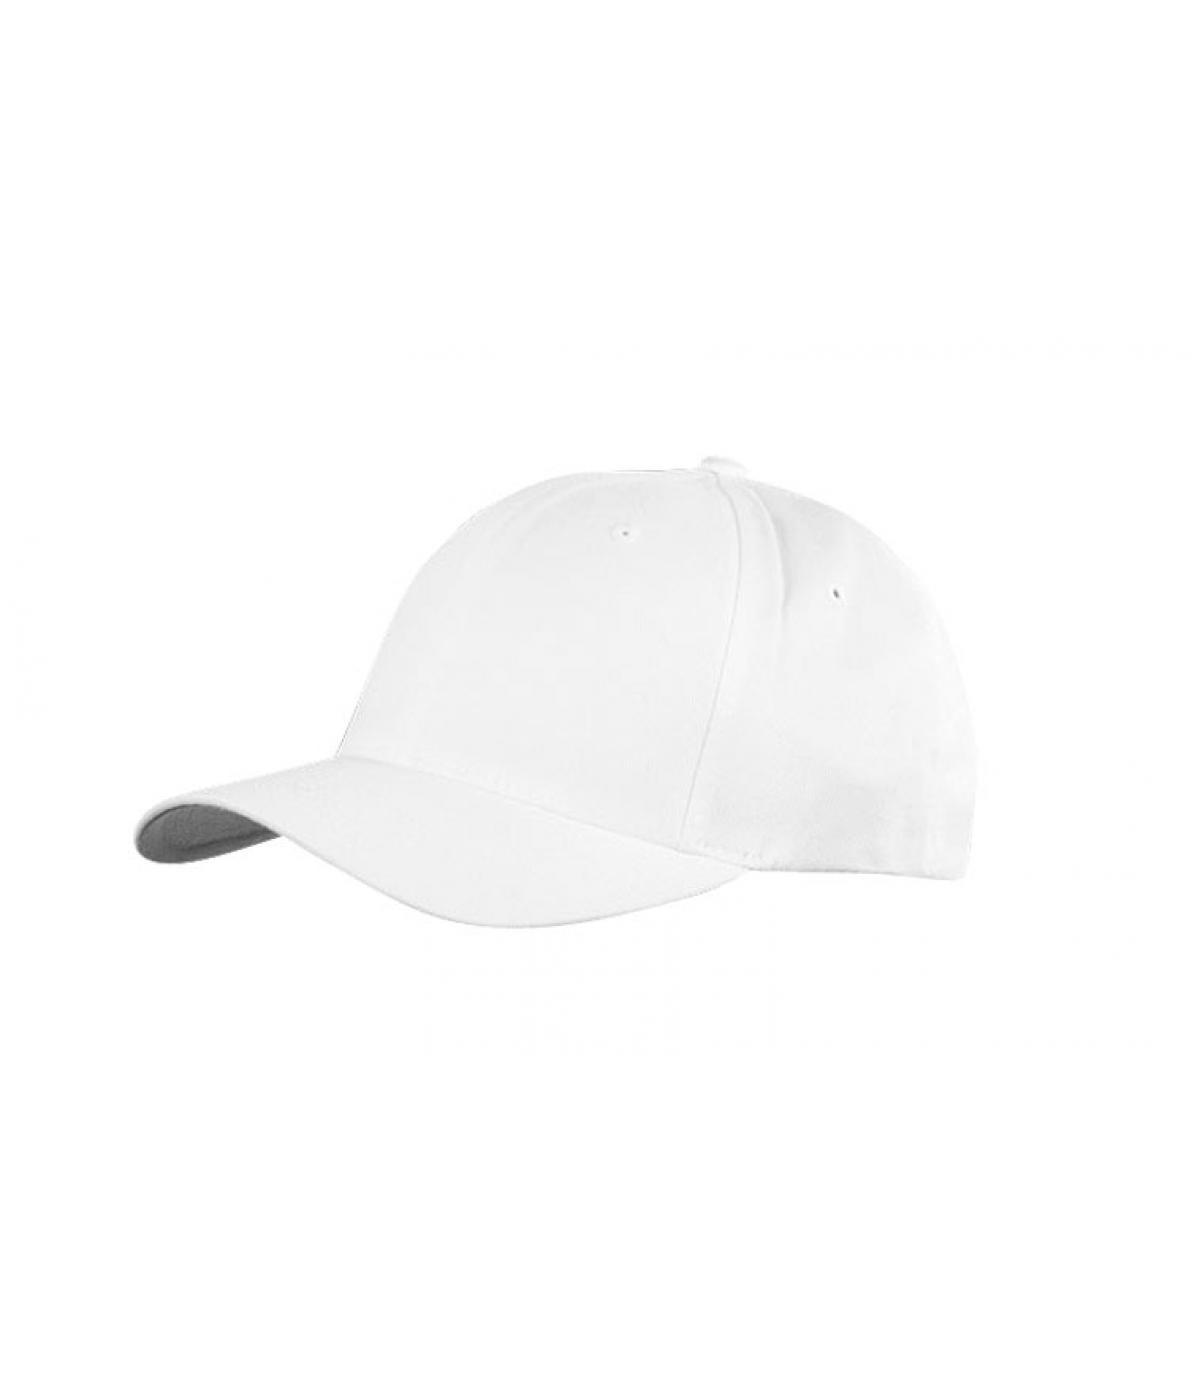 Detalles Flexfit cap white imagen 2